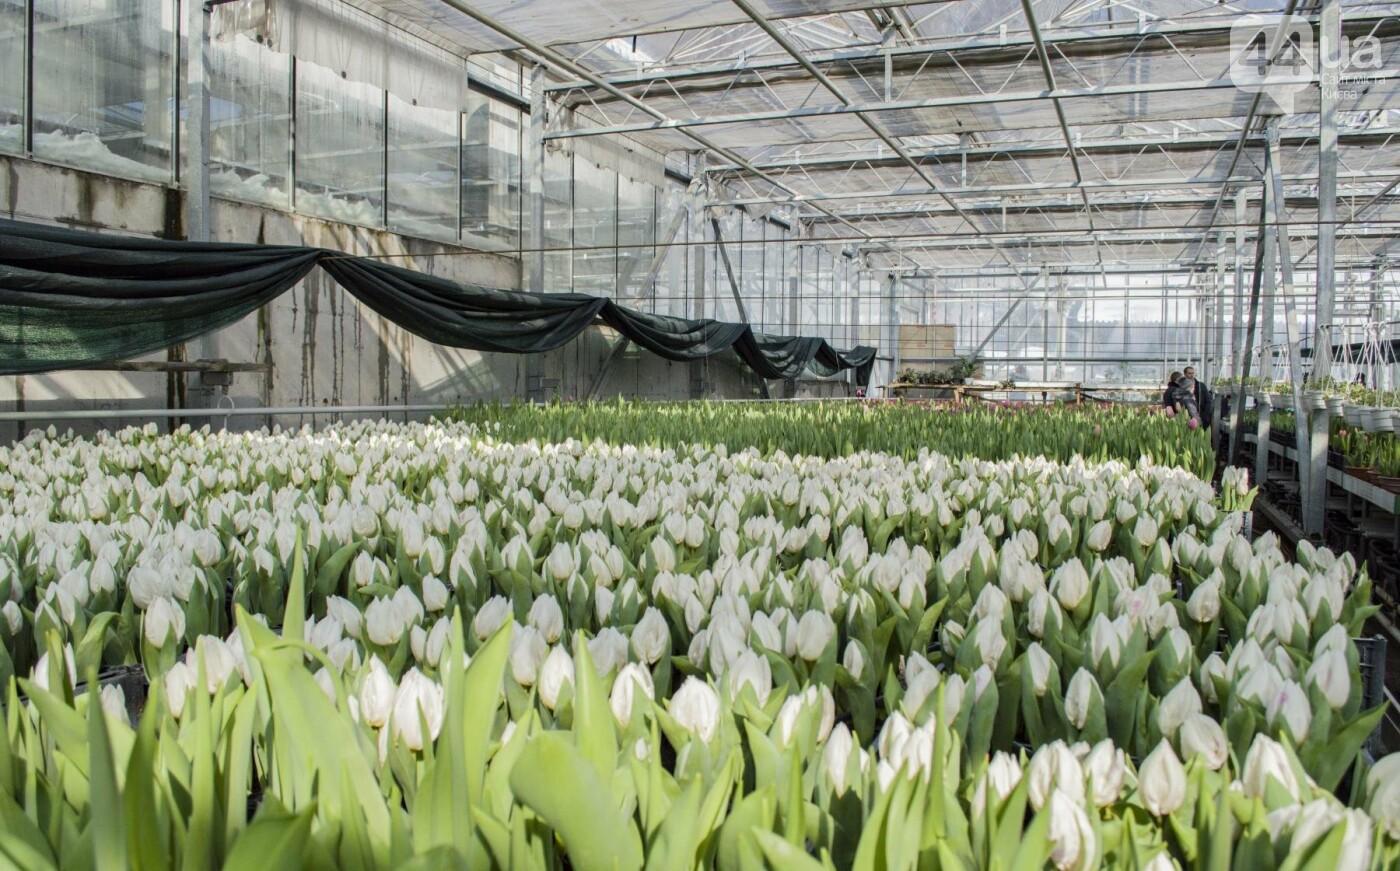 Цветочный рай: в киевской оранжерее зацвели десятки тысяч тюльпанов, фото-10